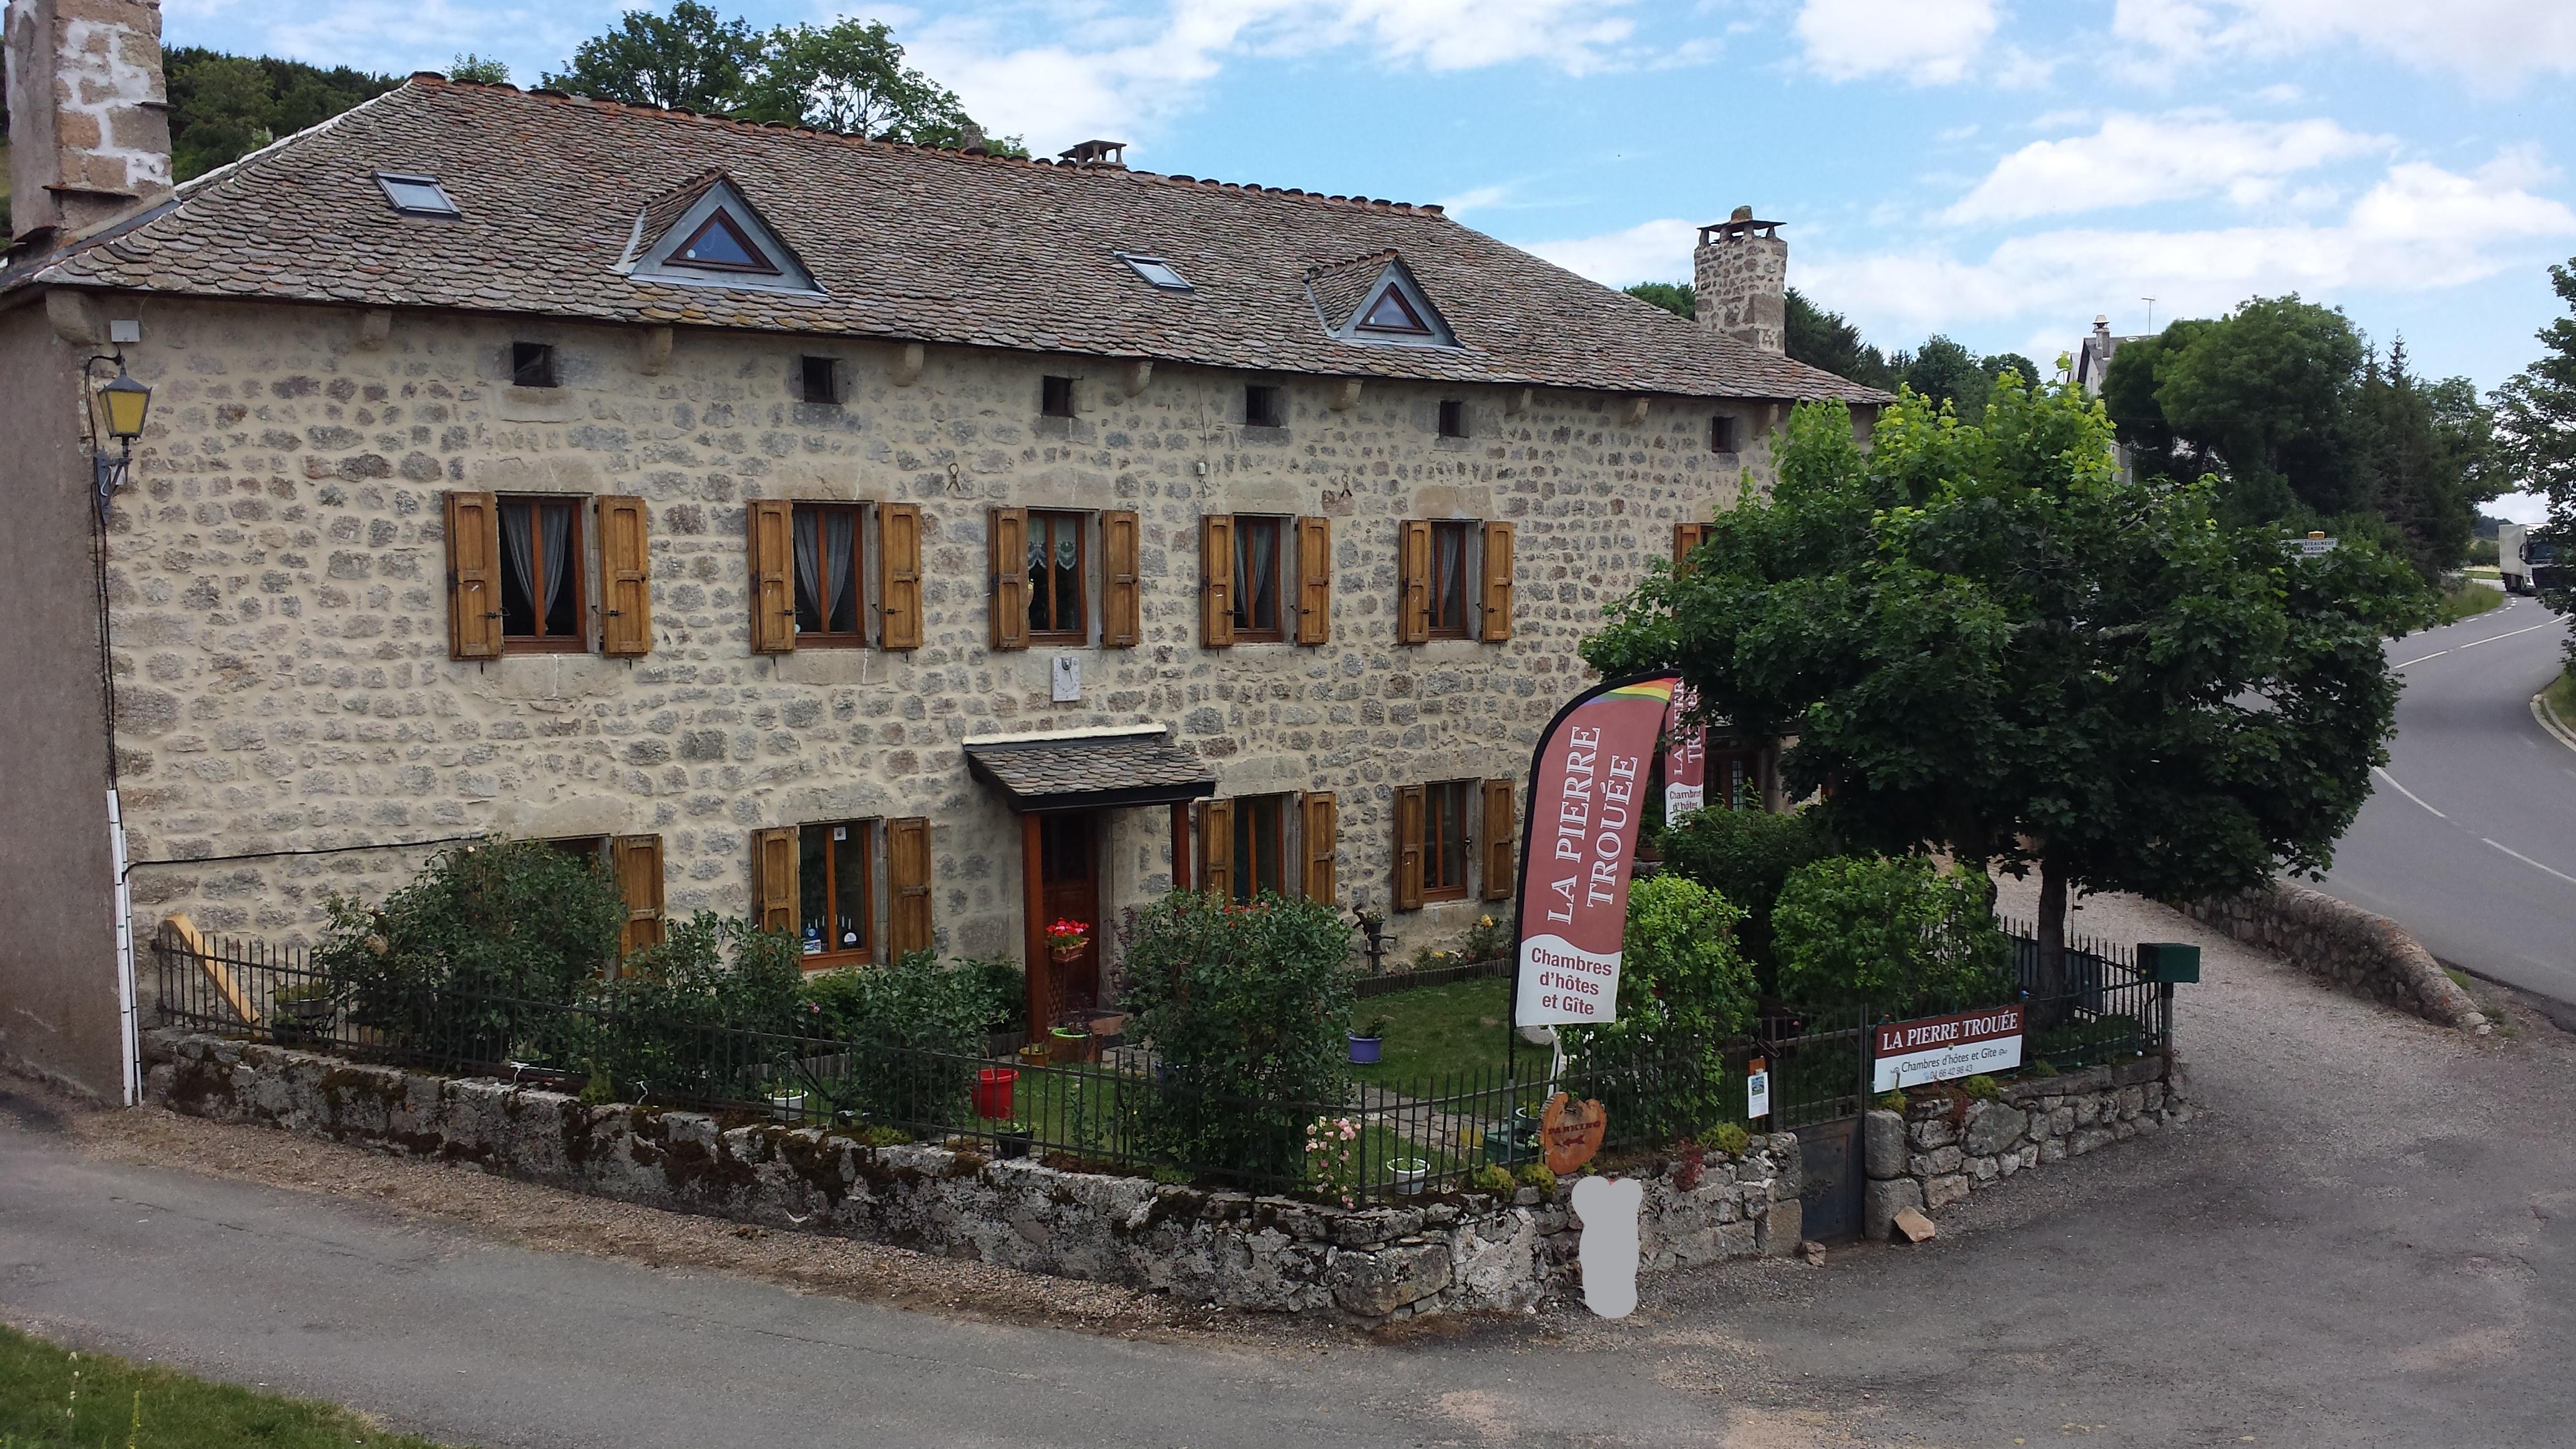 Maison d 39 h tes la pierre trou e chateauneuf de randon for Maison la pierre